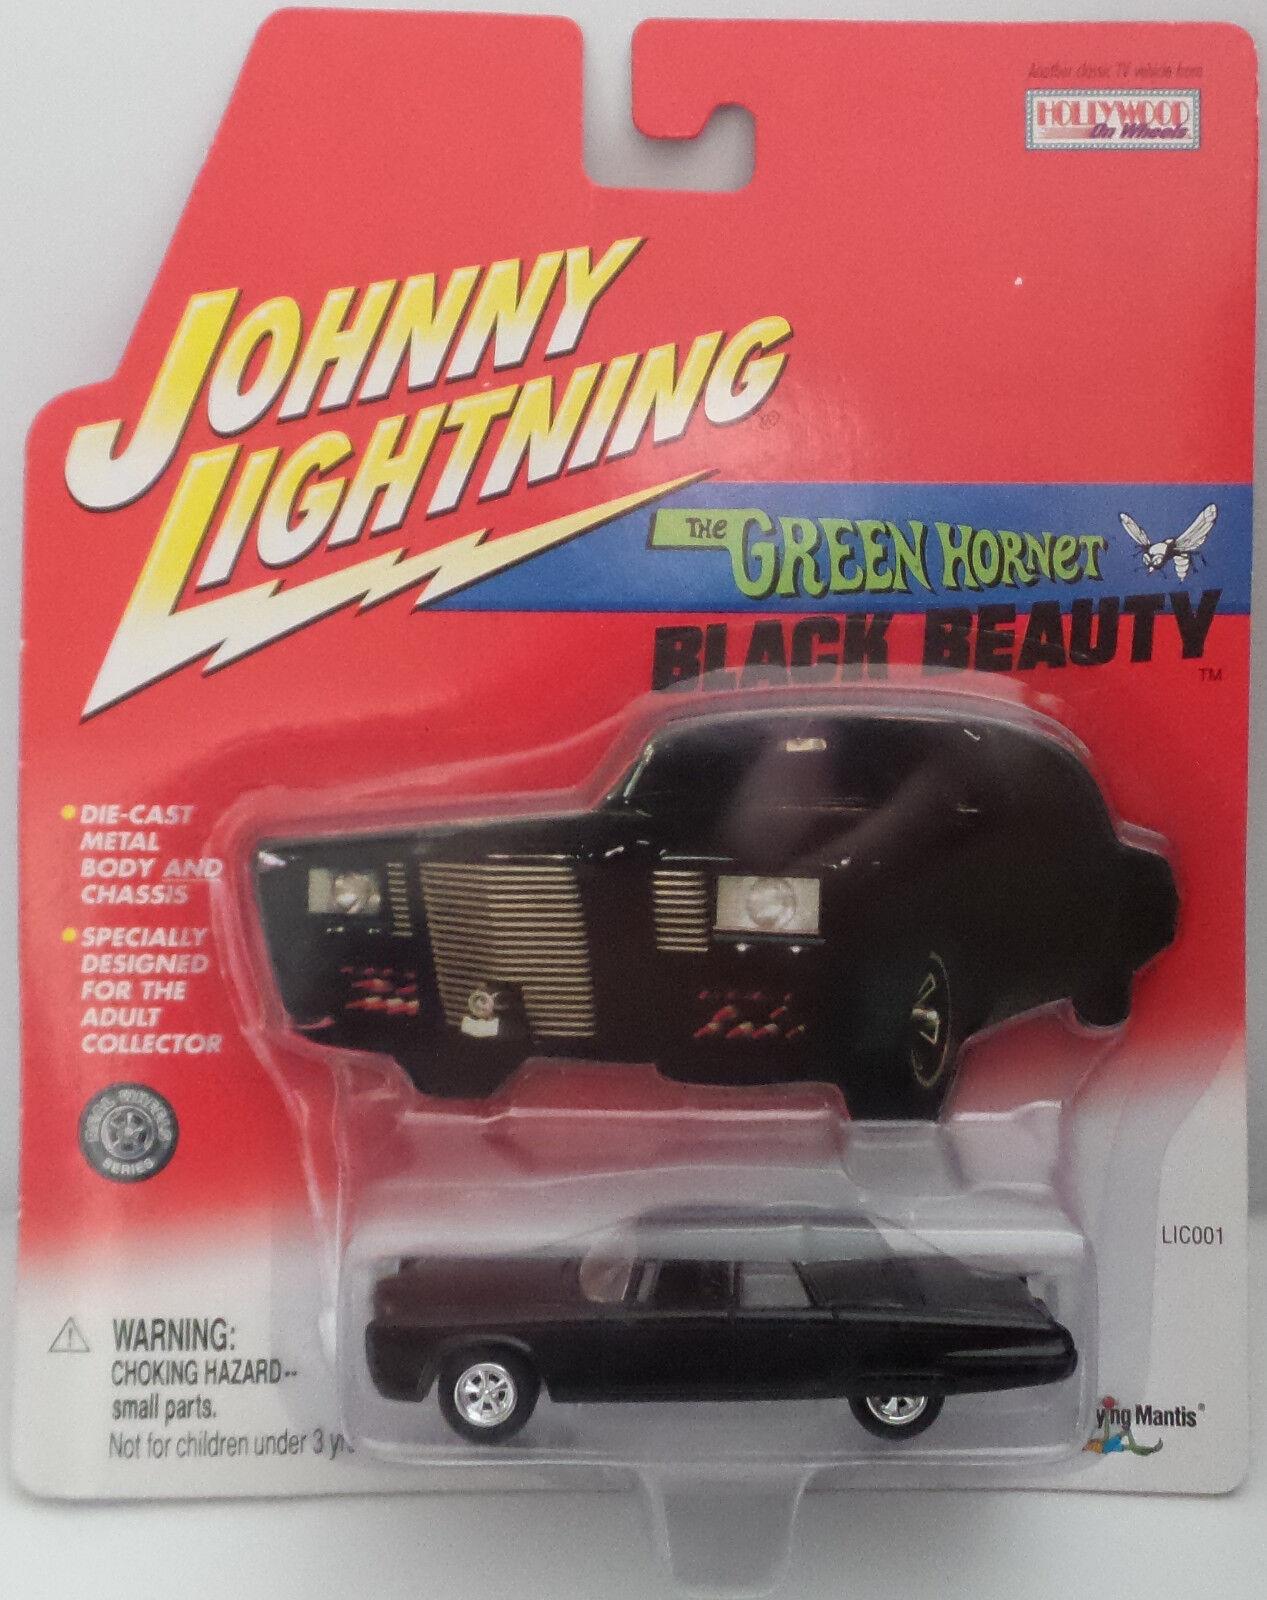 El Avispón verde  escala 1 64 Belleza Negra Die Cast Modelo por Johnny Lightning